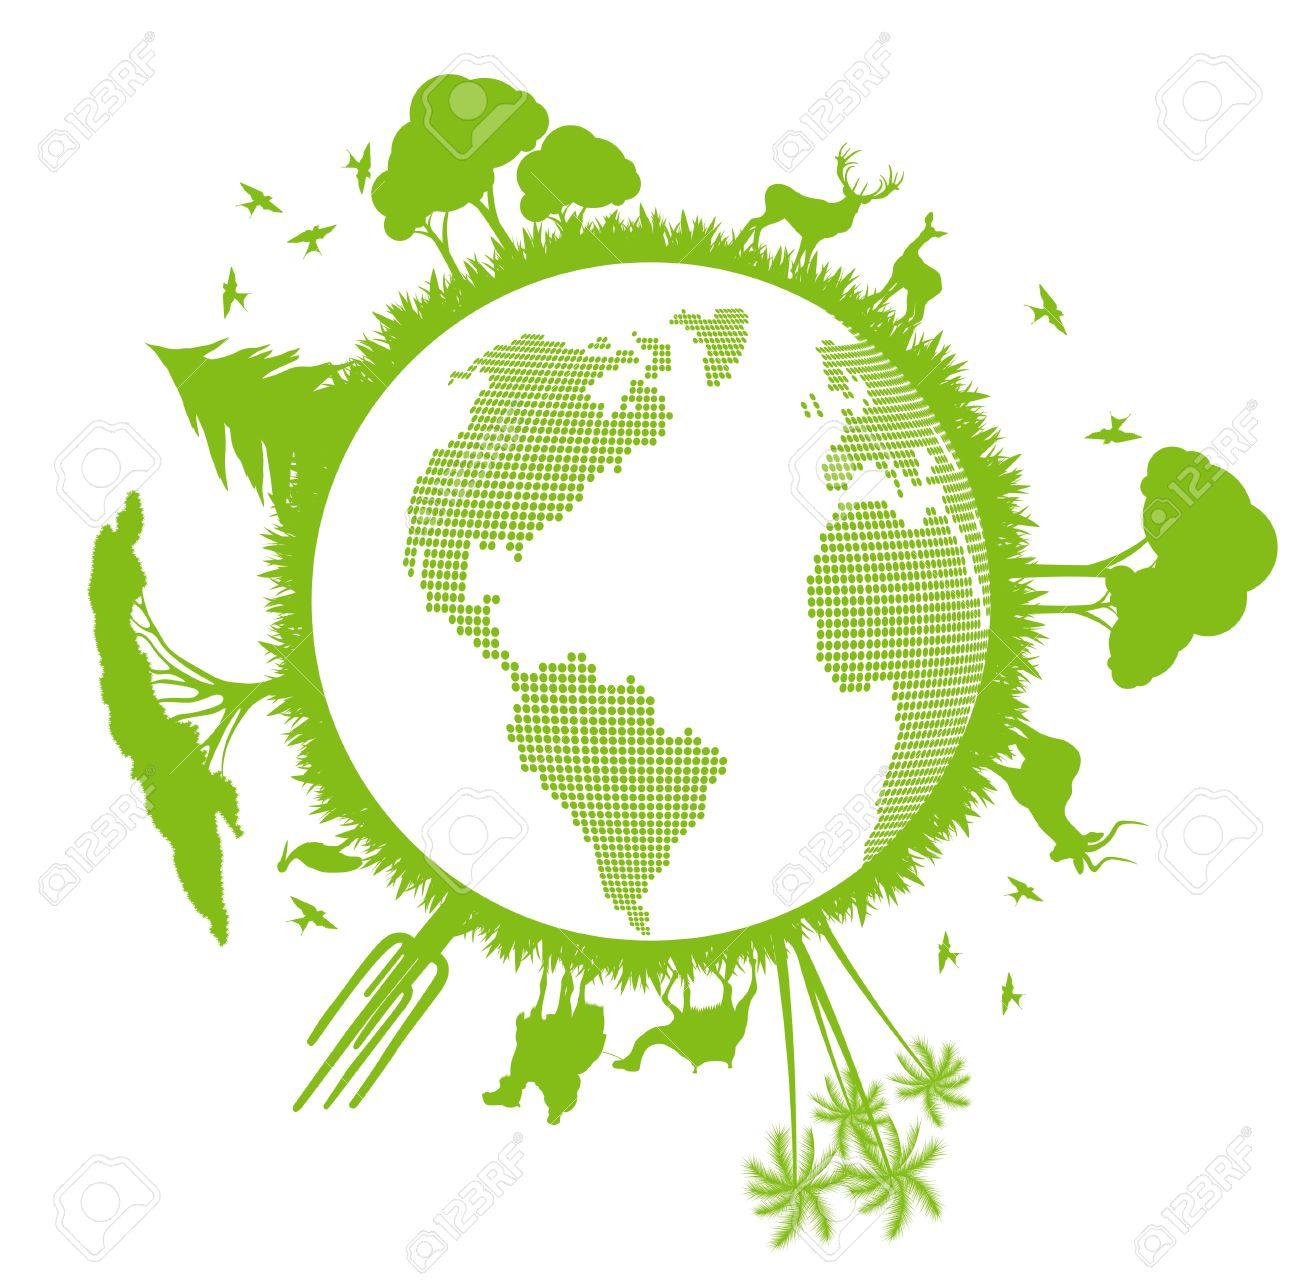 世界中の木が緑色のエコロジー地...